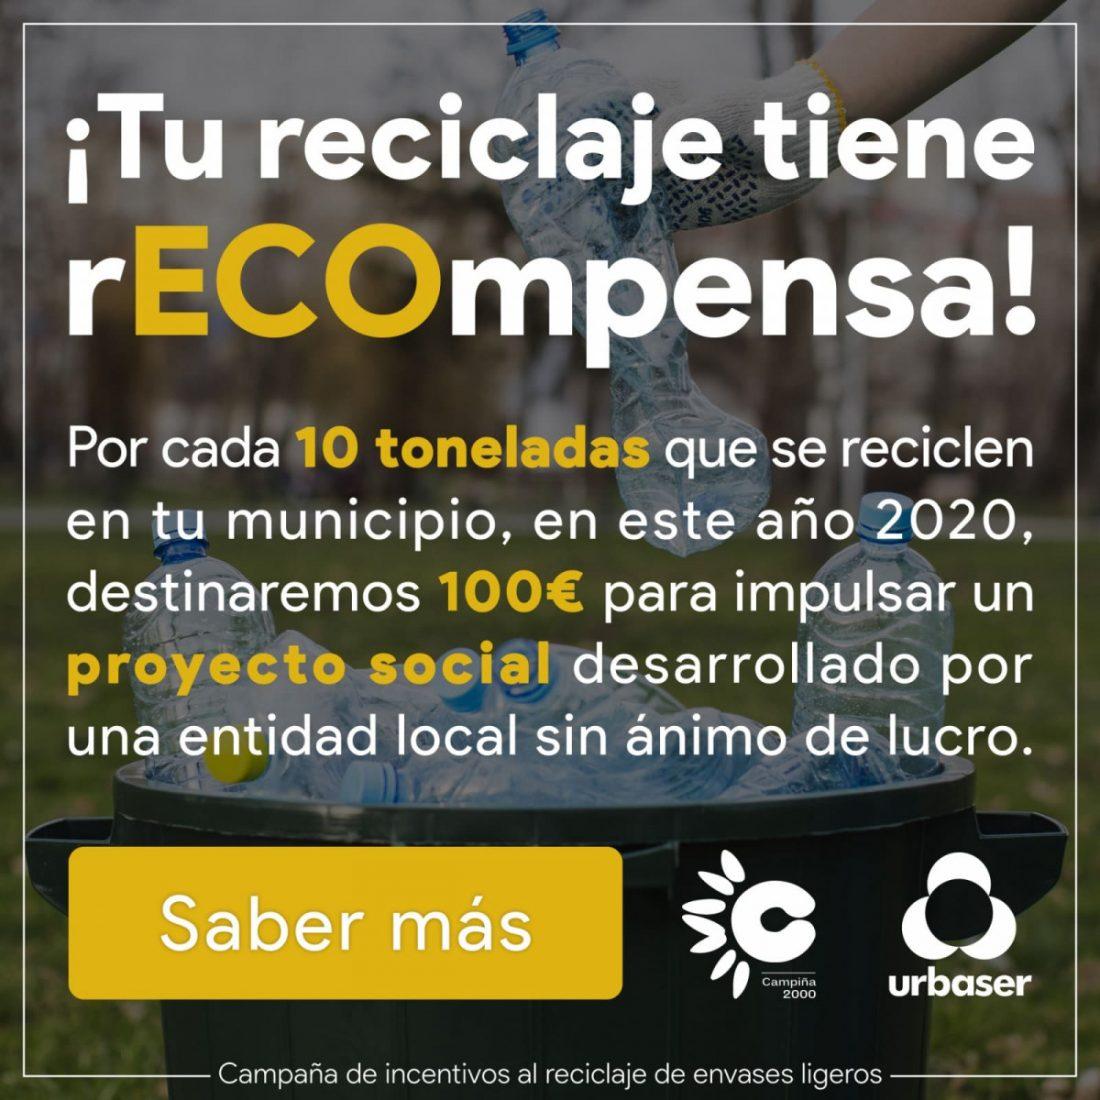 AionSur 6f816f28-9a39-4bc0-aa02-2428a5e22488 Mancomunidad Campiña 2000 premia el reciclado de envases financiando proyectos sociales Campiña Morón y Marchena Medio Ambiente  destacado